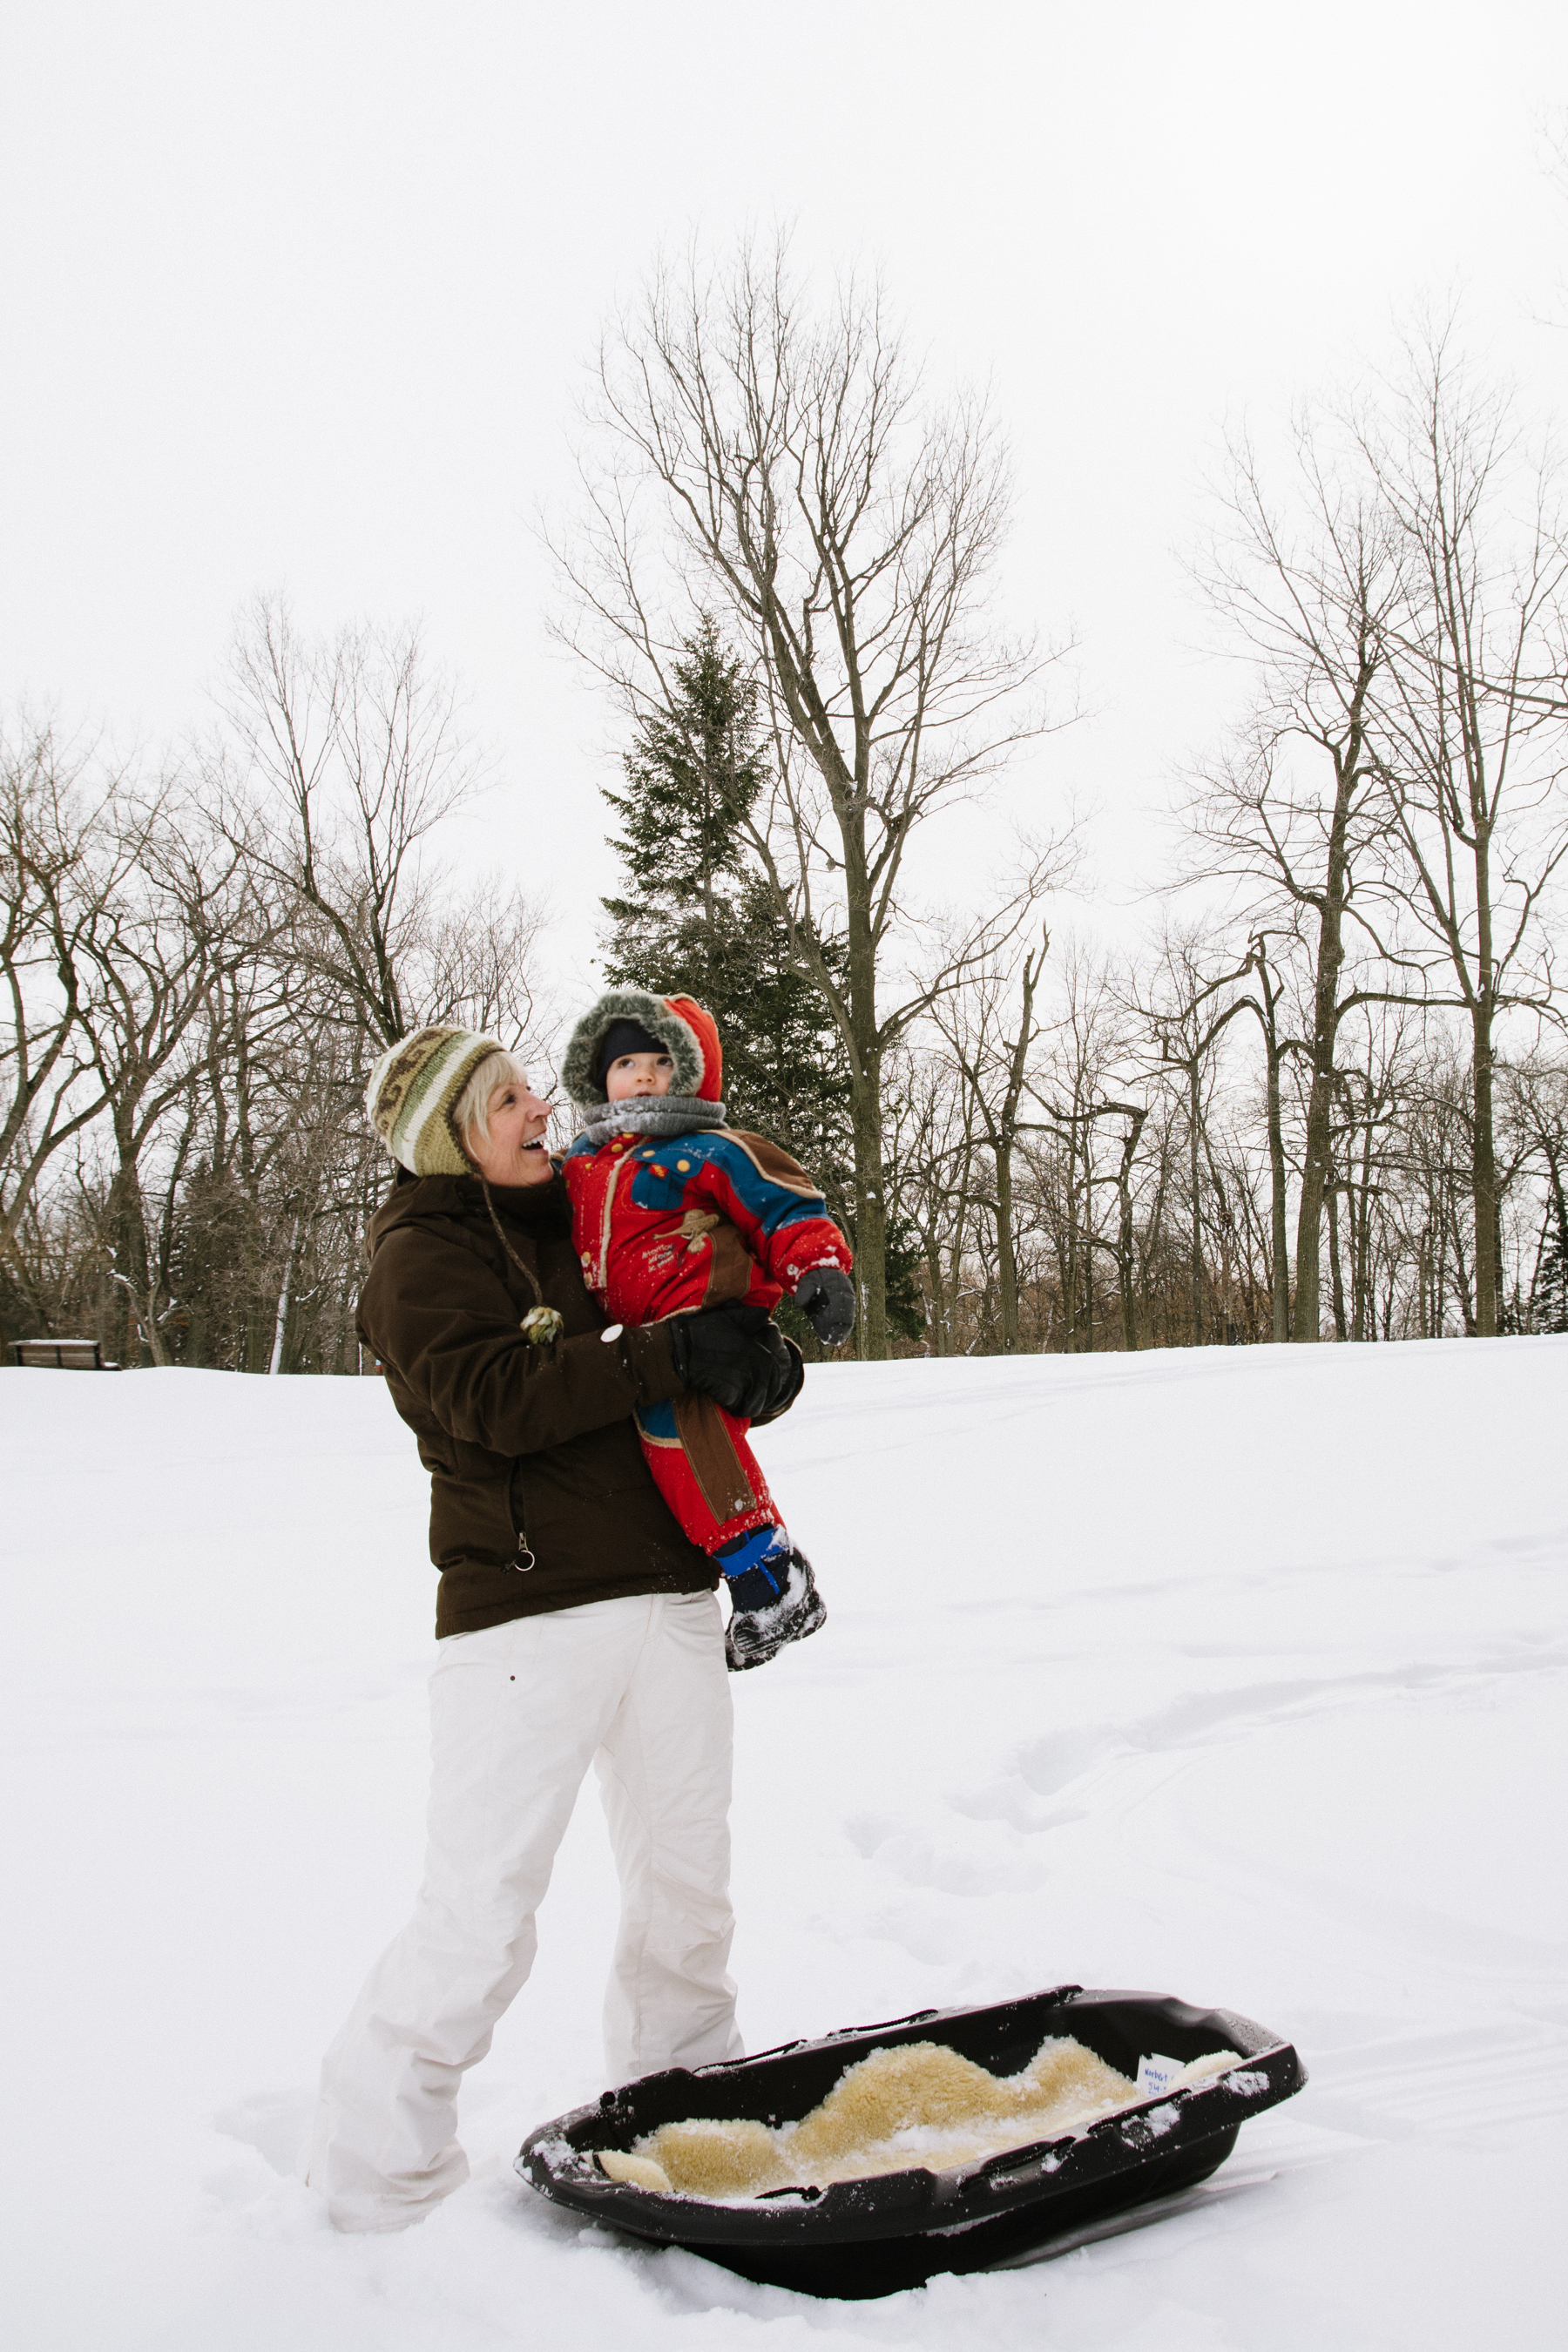 photo-d-une-grand-mere-avec-un-enfant-en-habit-de-neige-dans-les-bras-l-hiver-a-montreal-photographe-enfant-famille-montreal.jpg